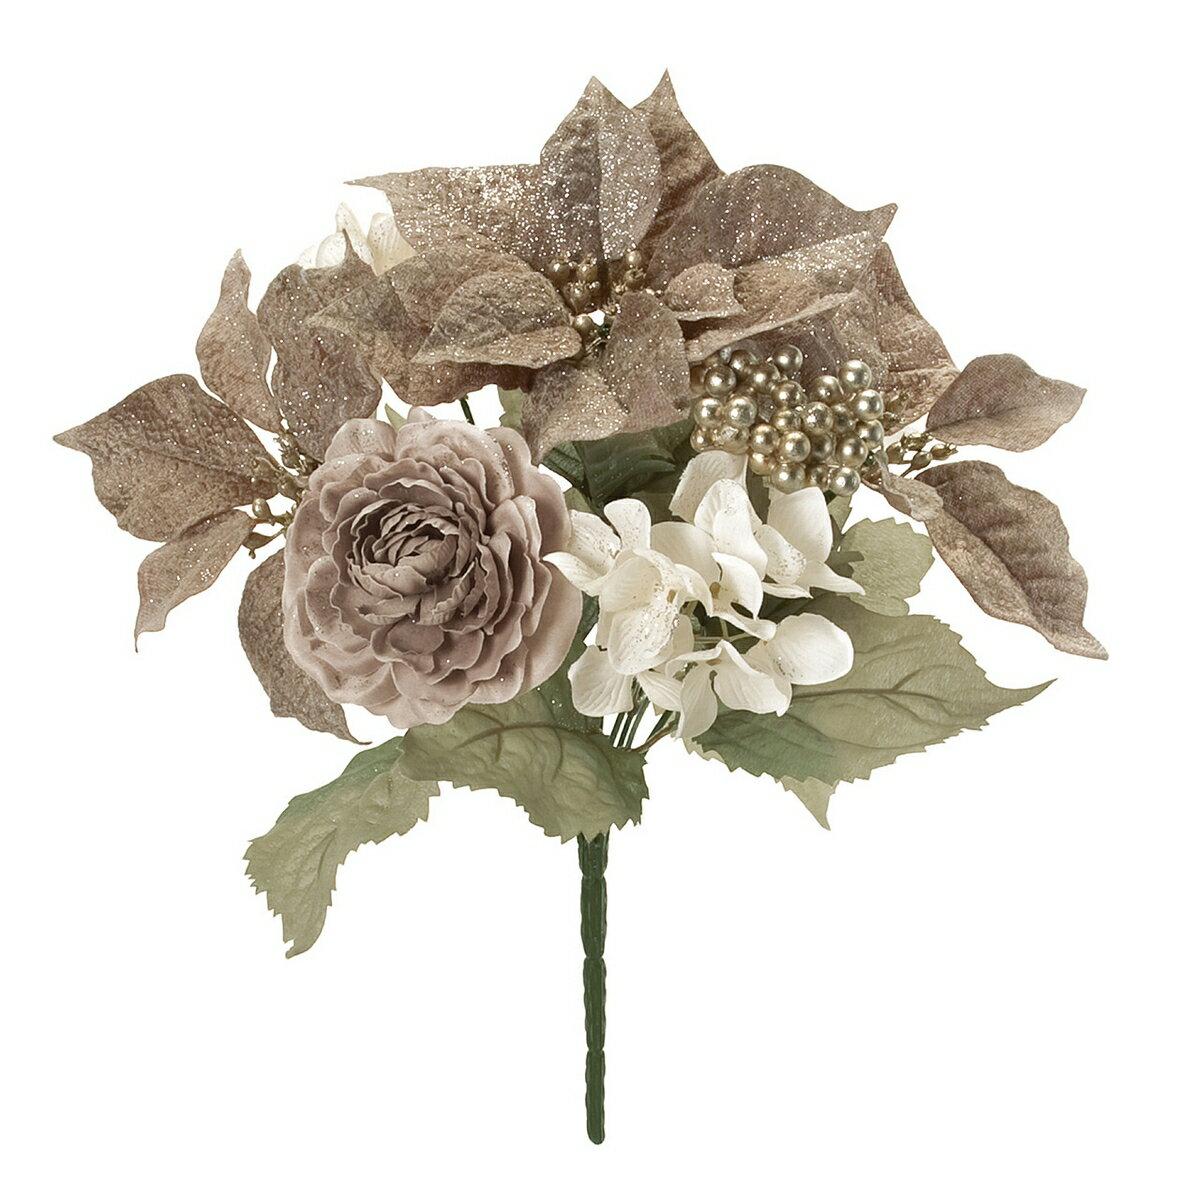 【造花】東京堂(MAGIQ)/フェミールポインミックスブッシュ #8 BR/CR/FX001532-008【01】【取寄】《 造花(アーティフィシャルフラワー) 造花 花材「は行」 ポインセチア 》